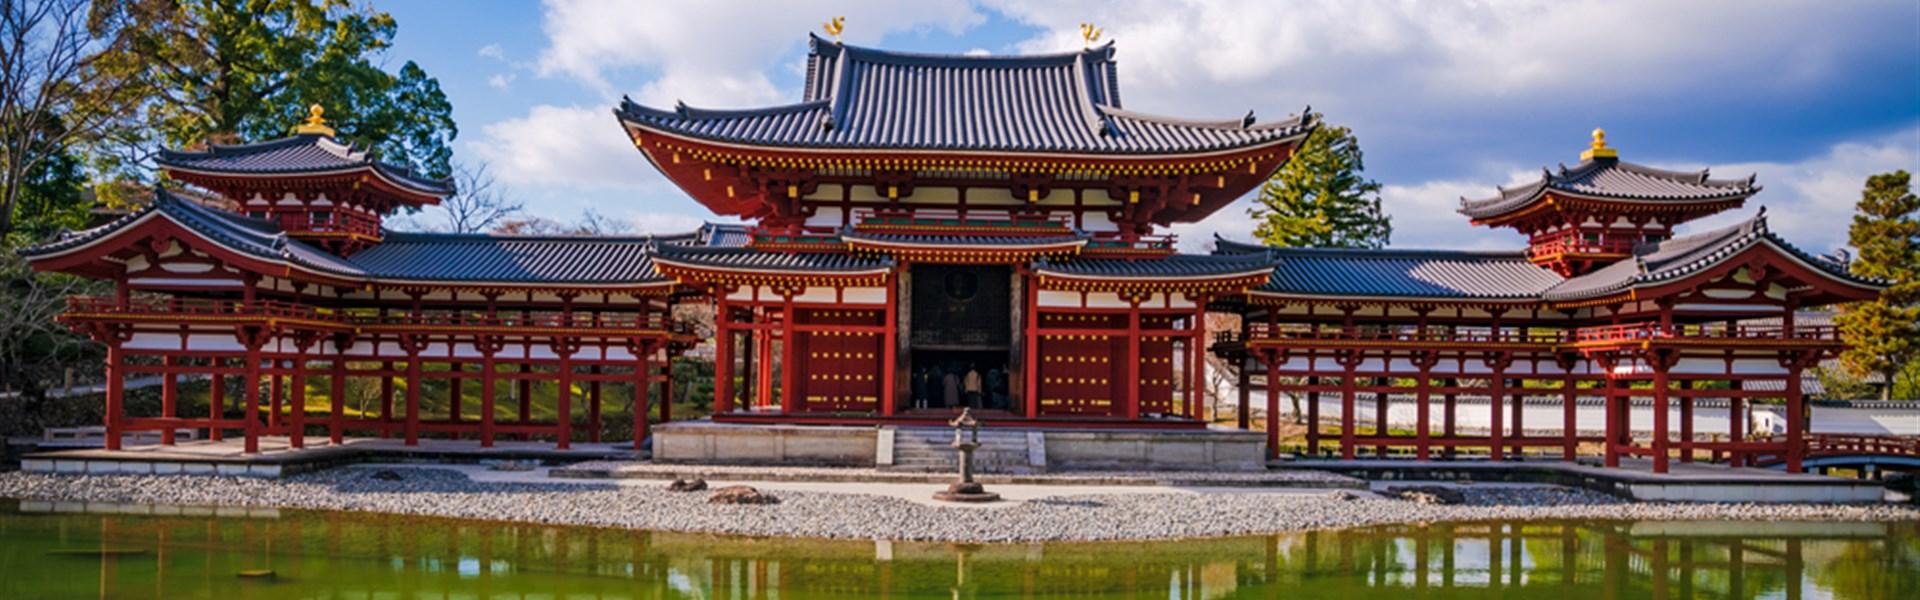 Japonská cesta snů s českým průvodcem - Poznávací zájezd do Japonska - Kyoto Dovolená v Japonsku, krásný zájezd Japonsko, Marco Polo,